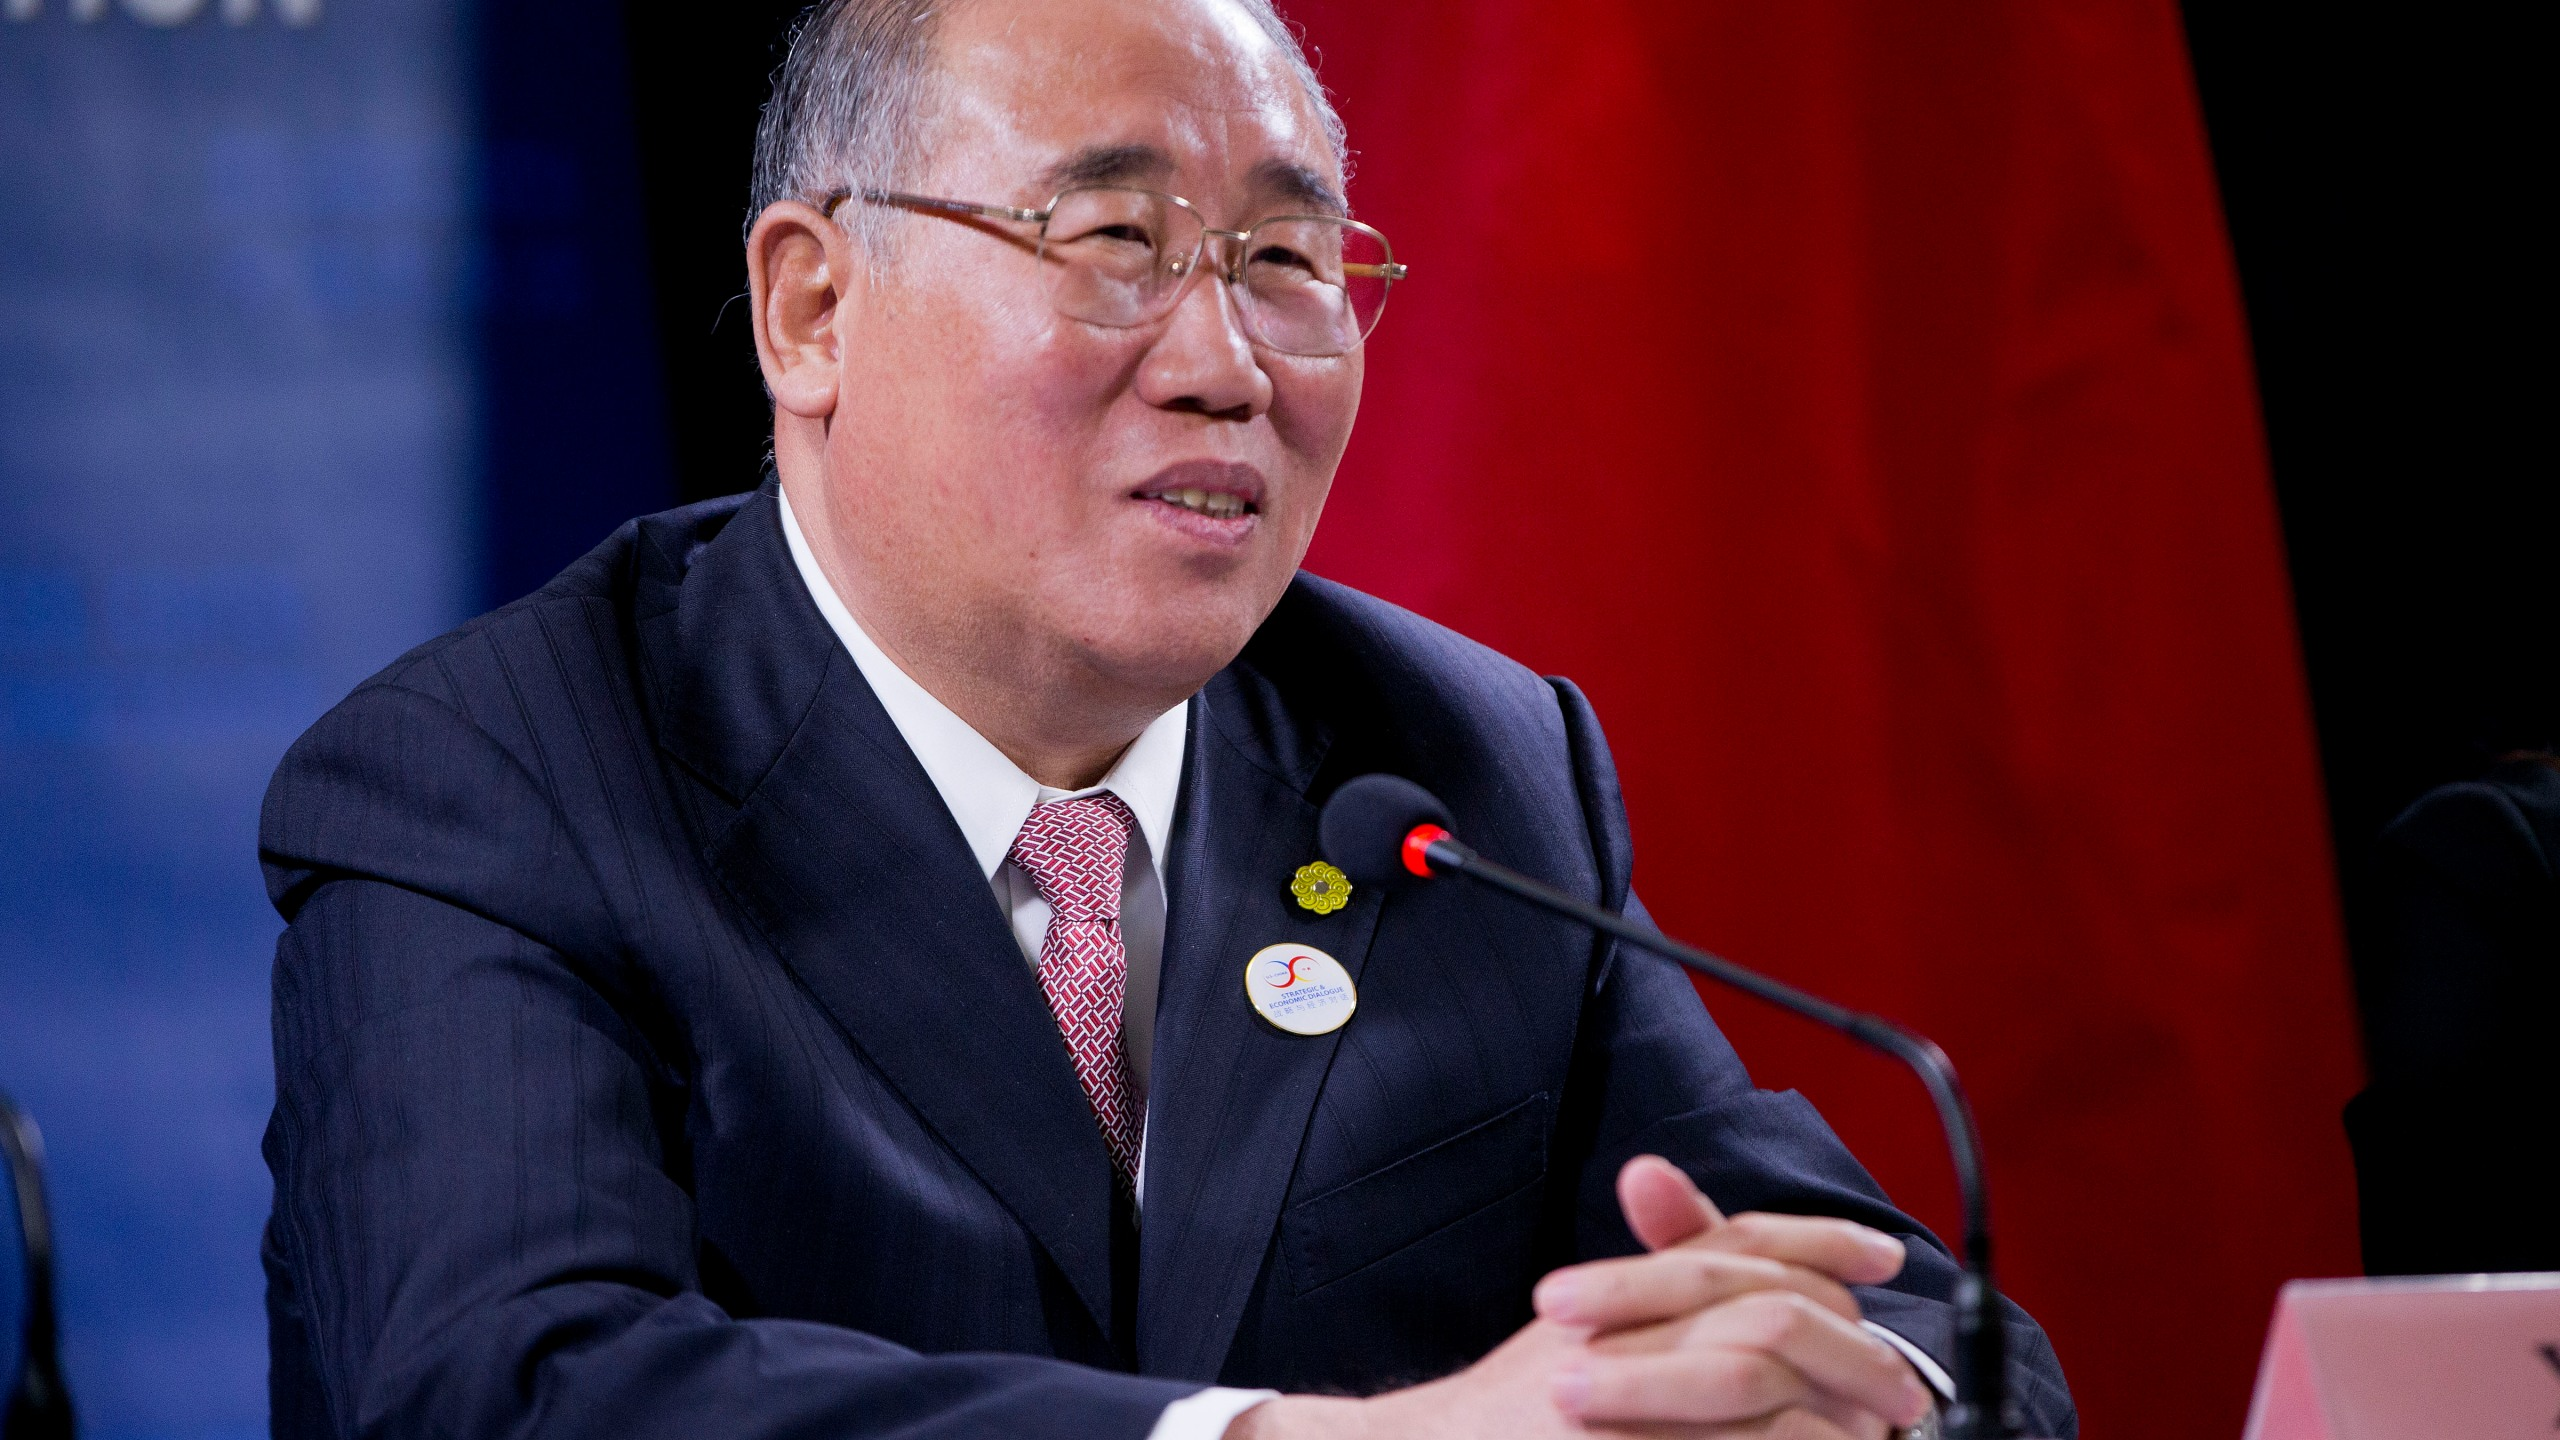 Xie Zhenhua